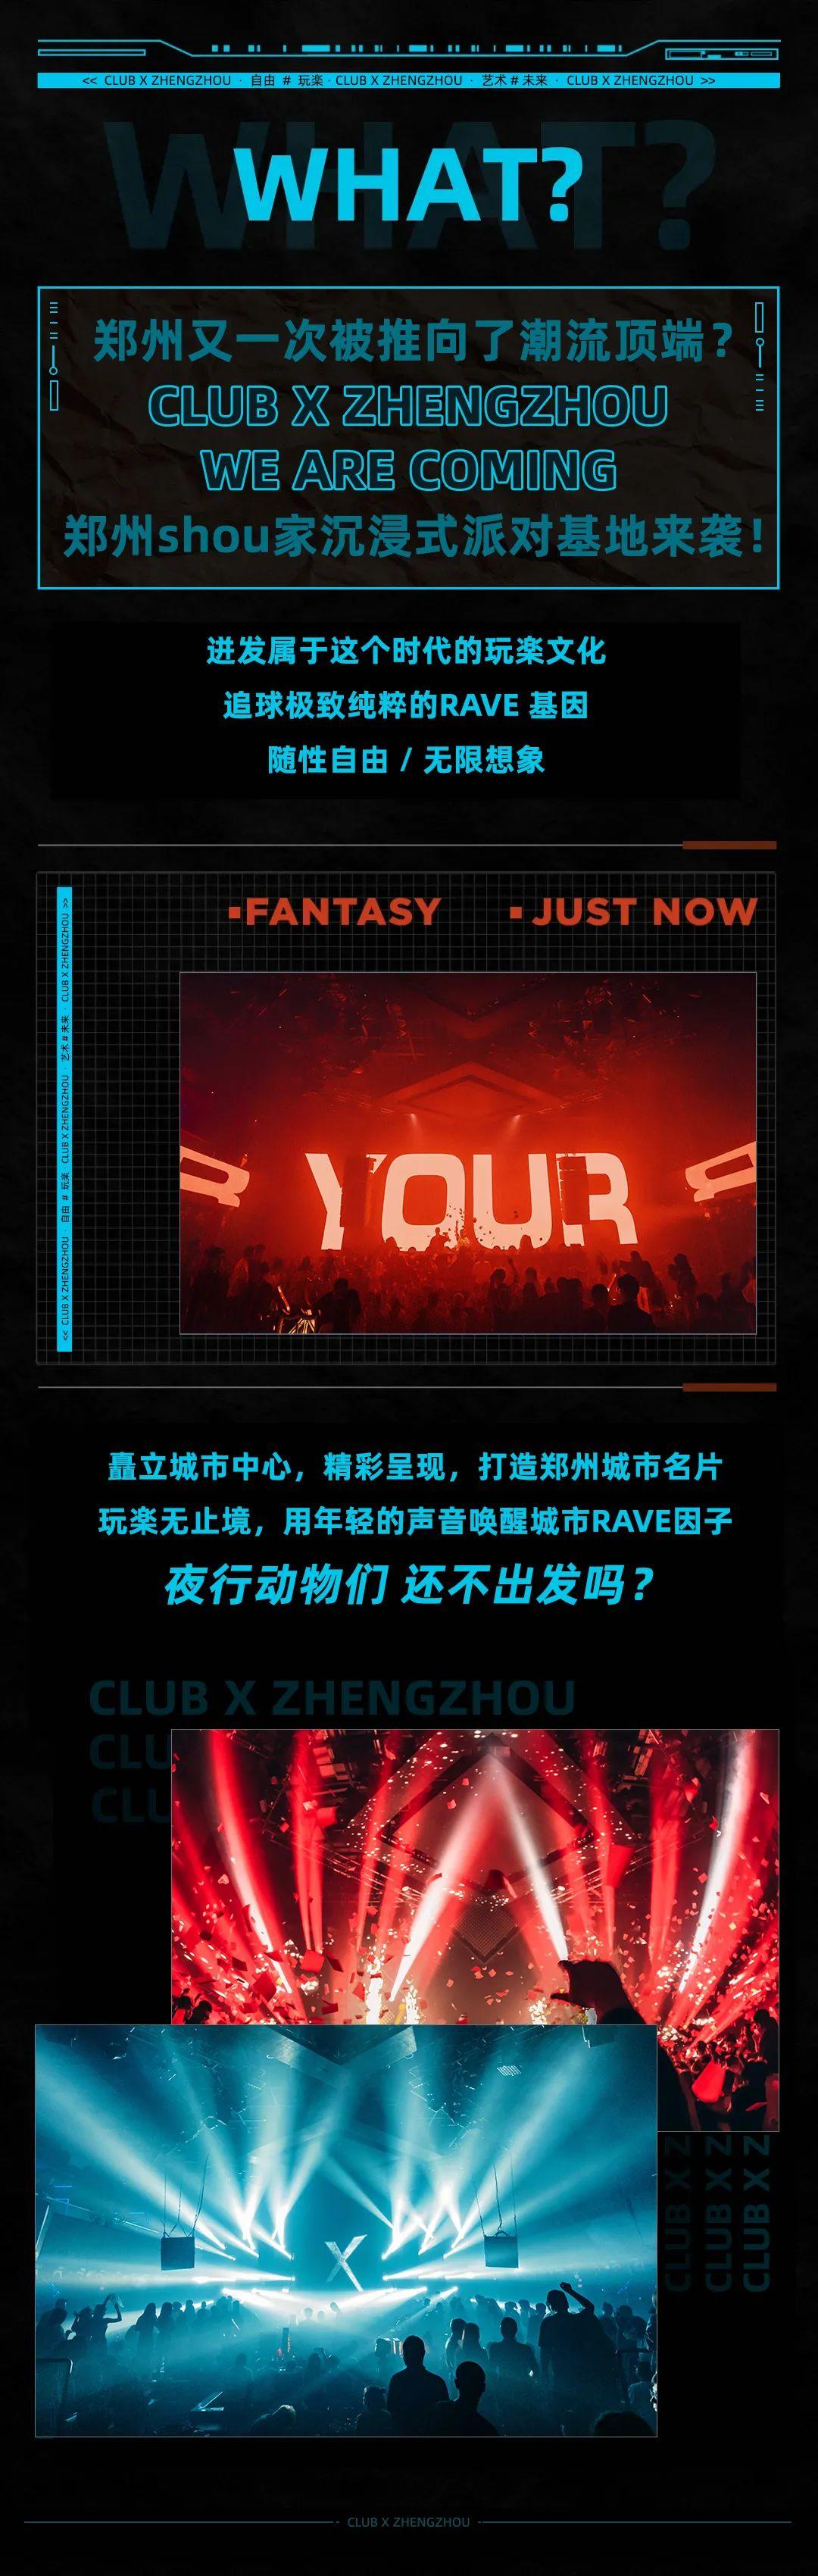 Rave浪潮席卷郑州!未来感电音酒吧在玉米楼脚下起航!